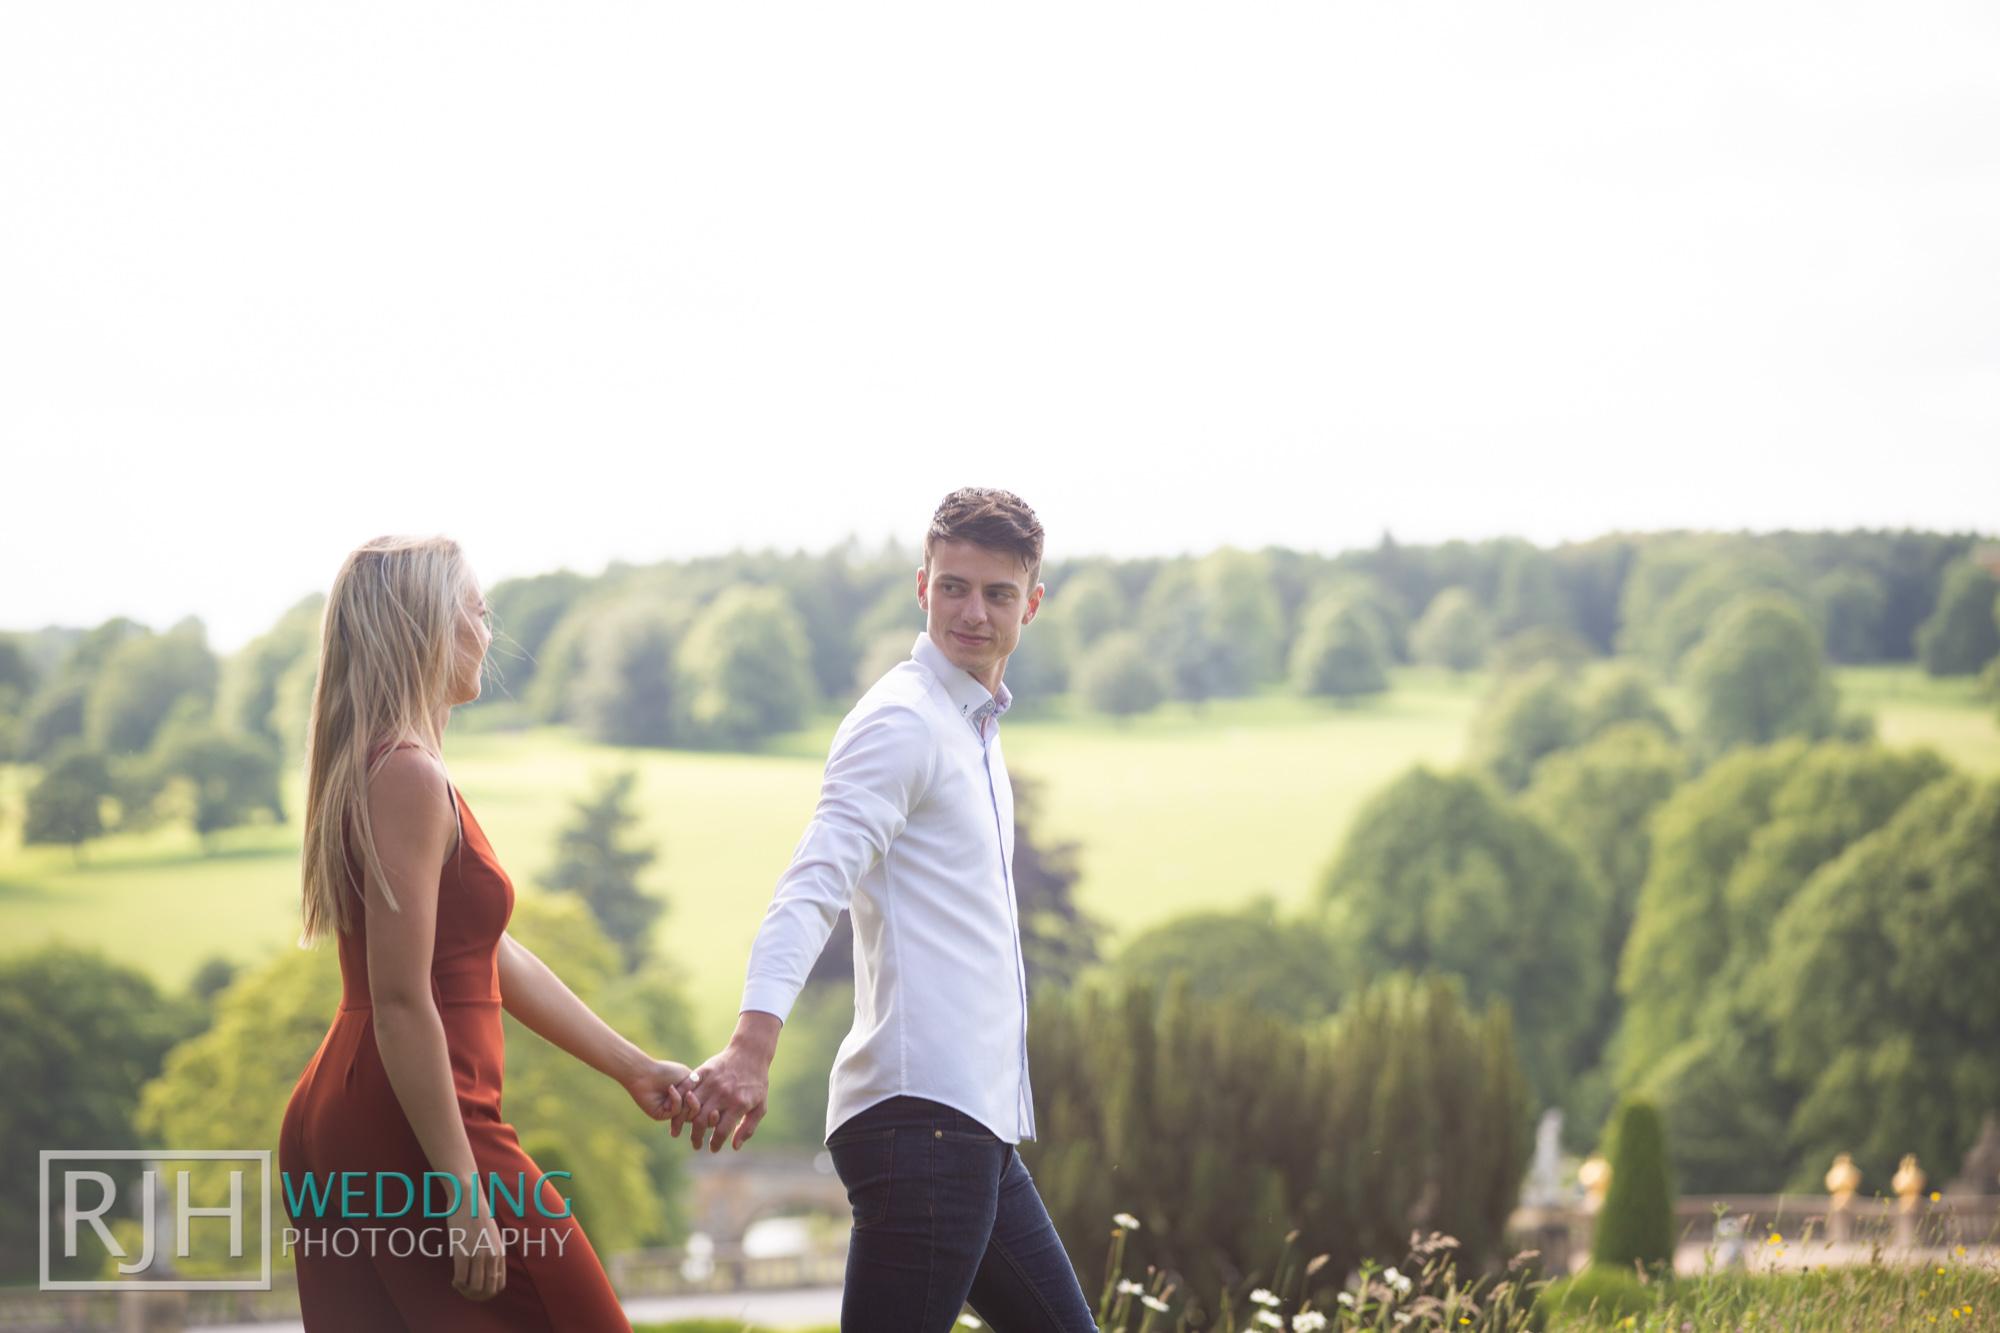 Chatsworth House Wedding Photographer_Glen & Lauren_022_RJH10240.jpg